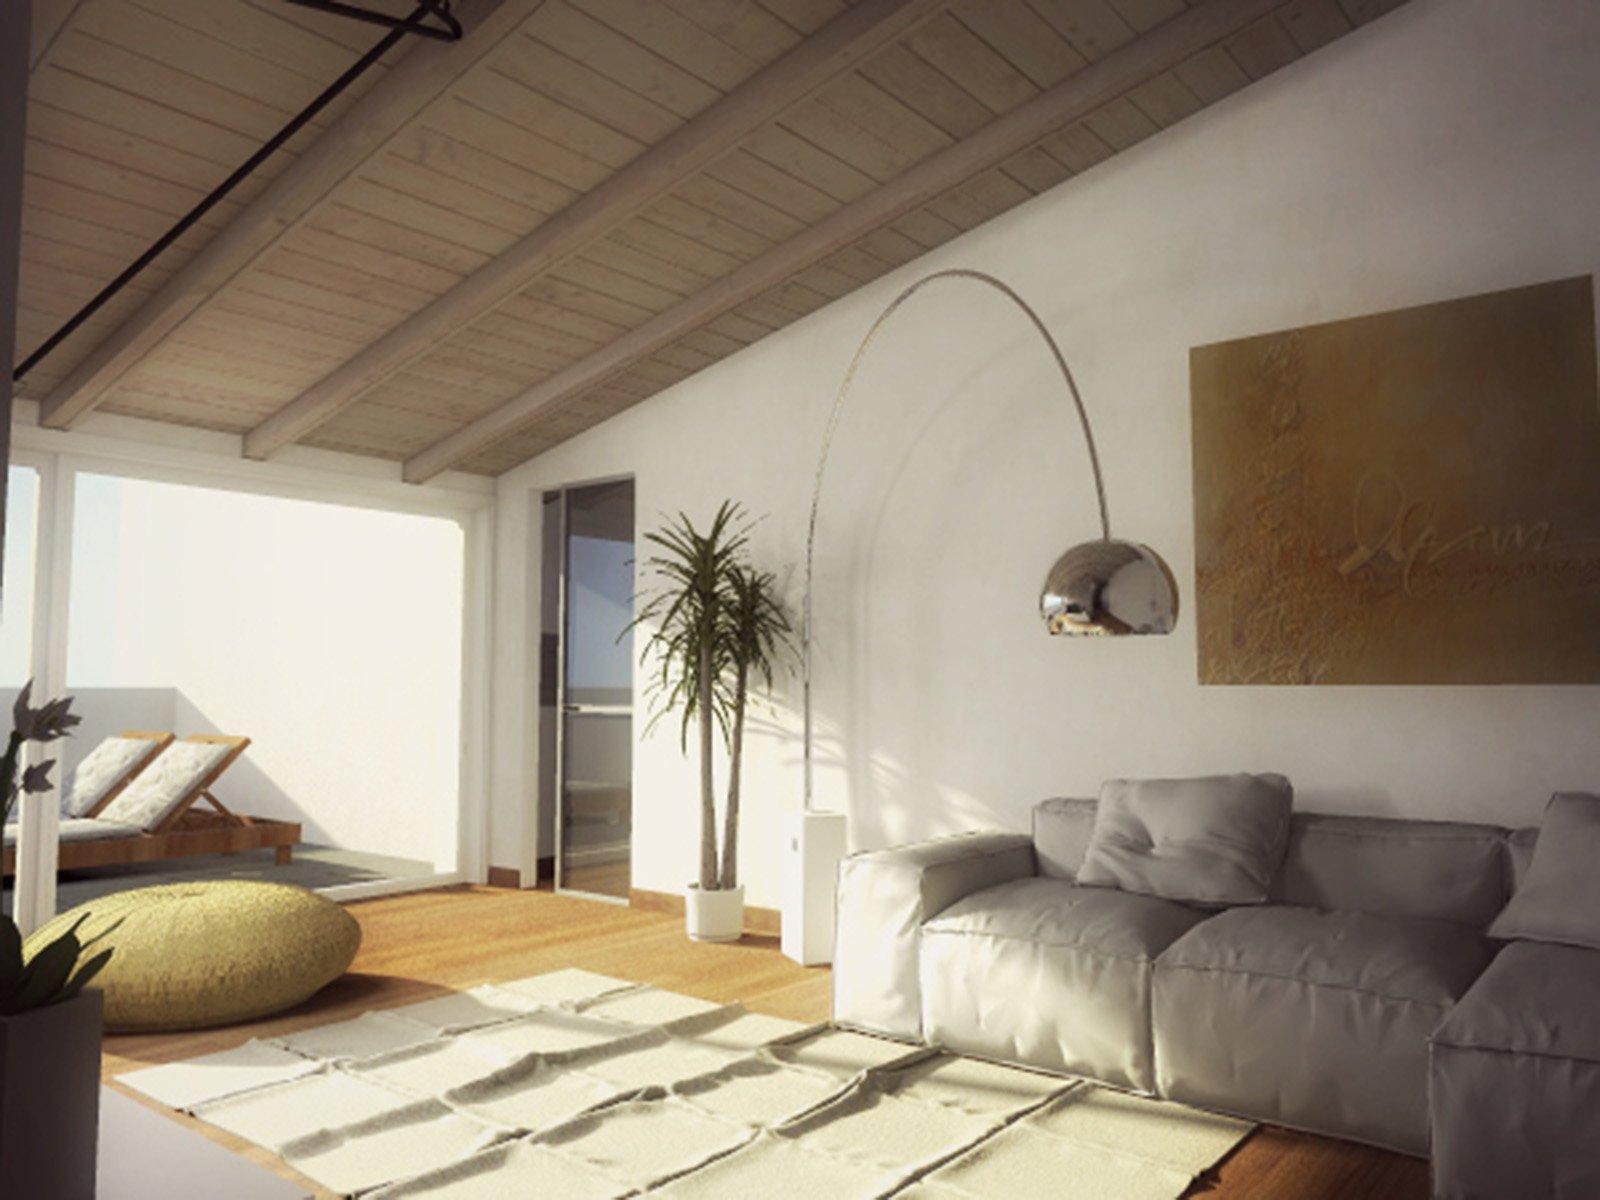 Mansarda una casa sottotetto luminosa e contemporanea for Cucine arredate